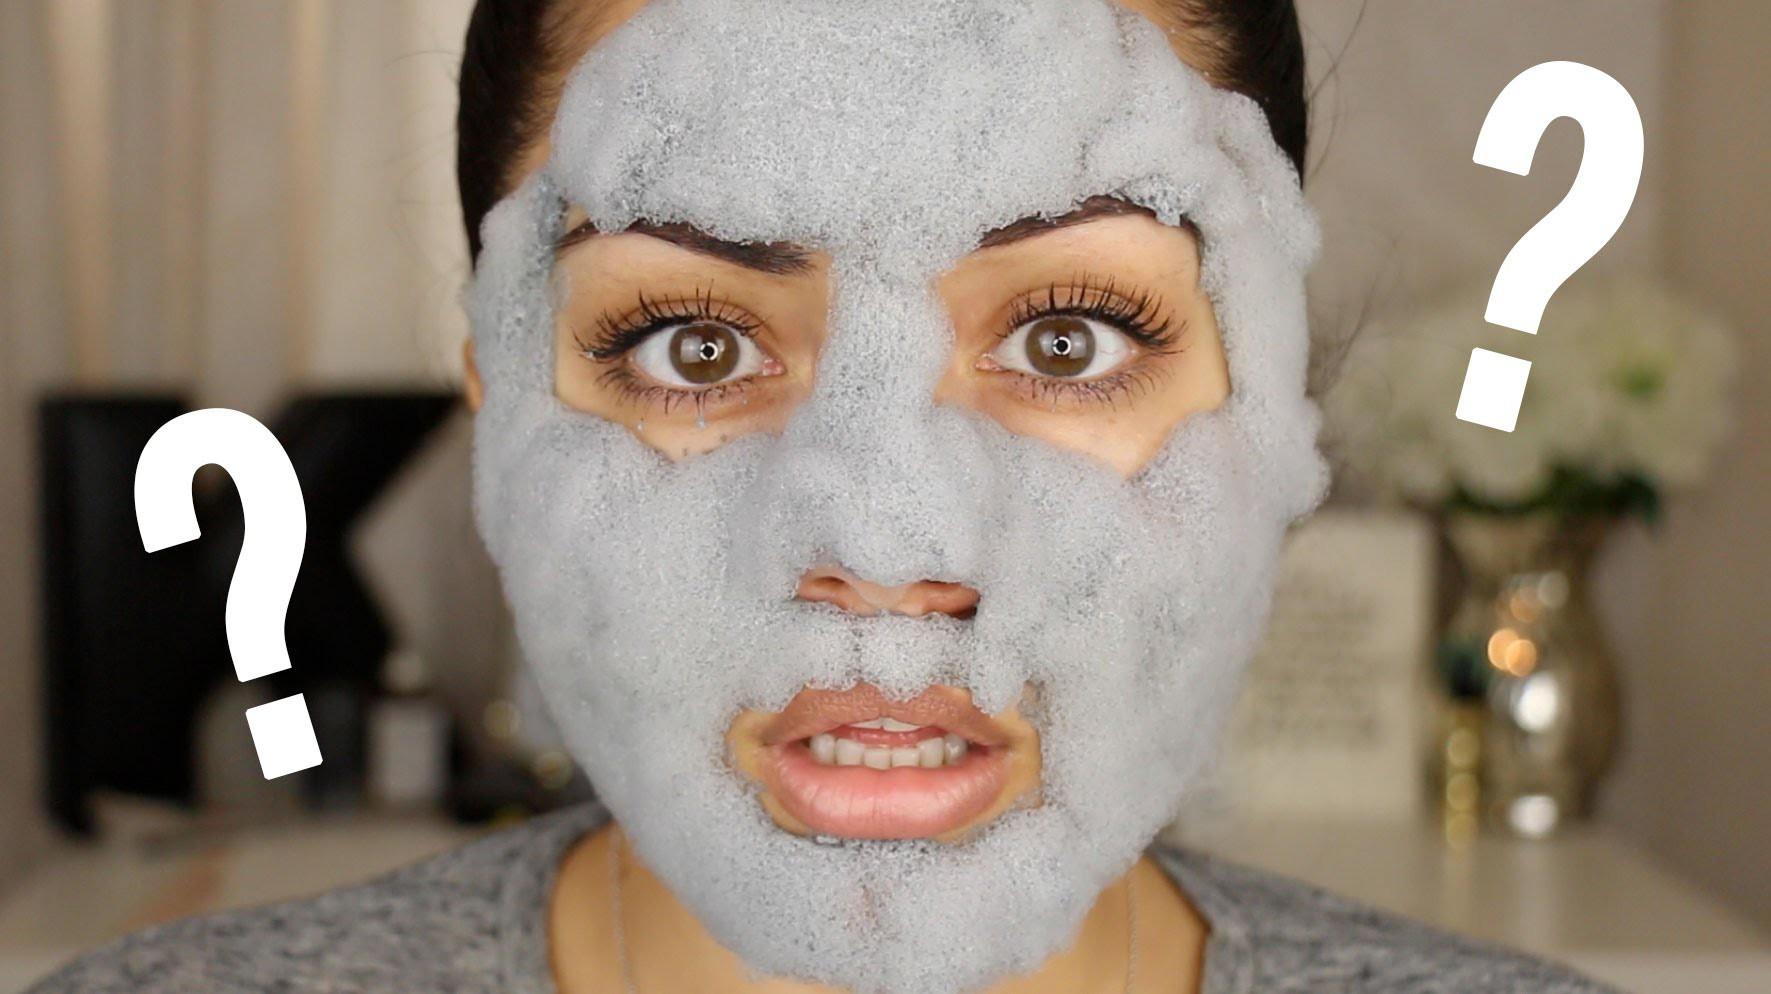 Nếu xuất hiện 1 trong 7 dấu hiệu này, bạn nên dừng sản phẩm chăm sóc da đang dùng ngay lập tức - Ảnh 2.